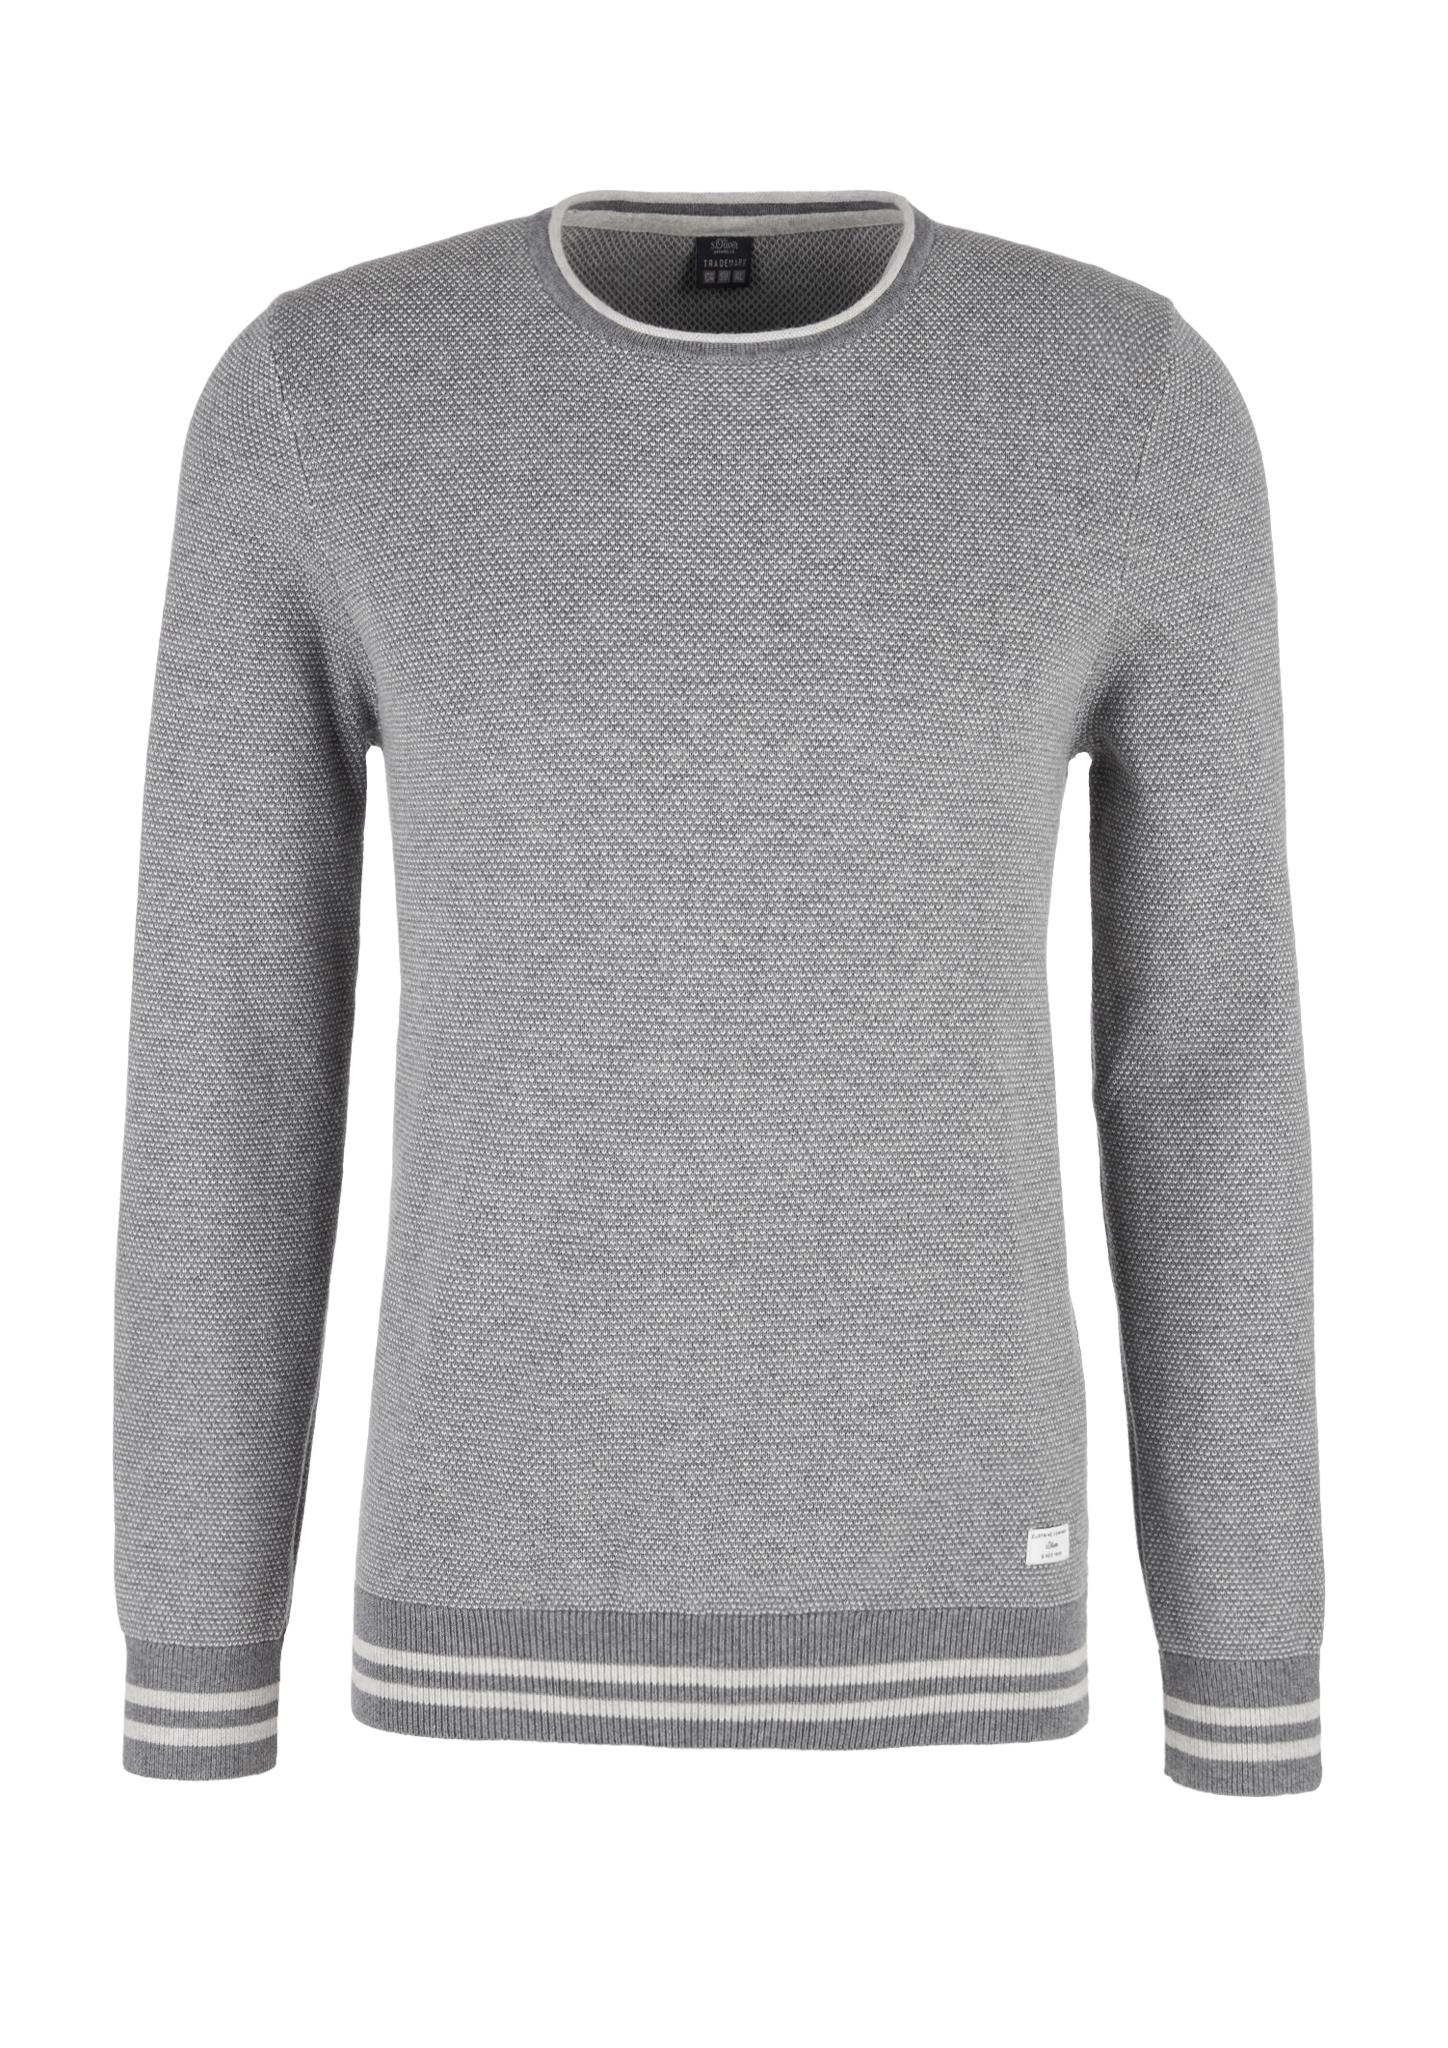 Strickpullover | Bekleidung > Pullover > Sonstige Pullover | Grau | 100% baumwolle | s.Oliver